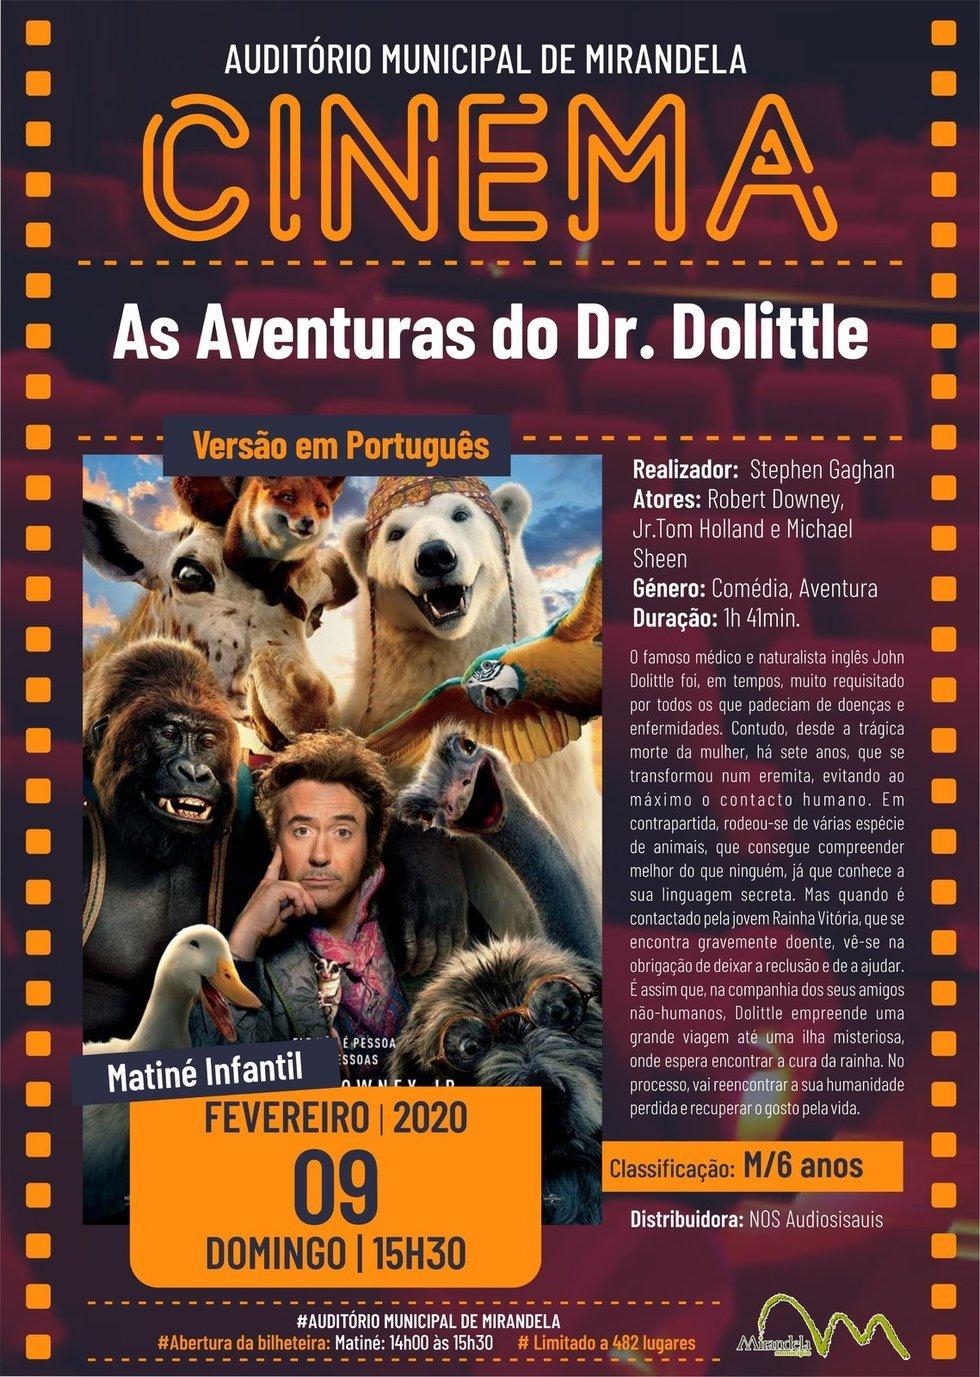 Cinema: As Aventuras do Dr. Dolittle